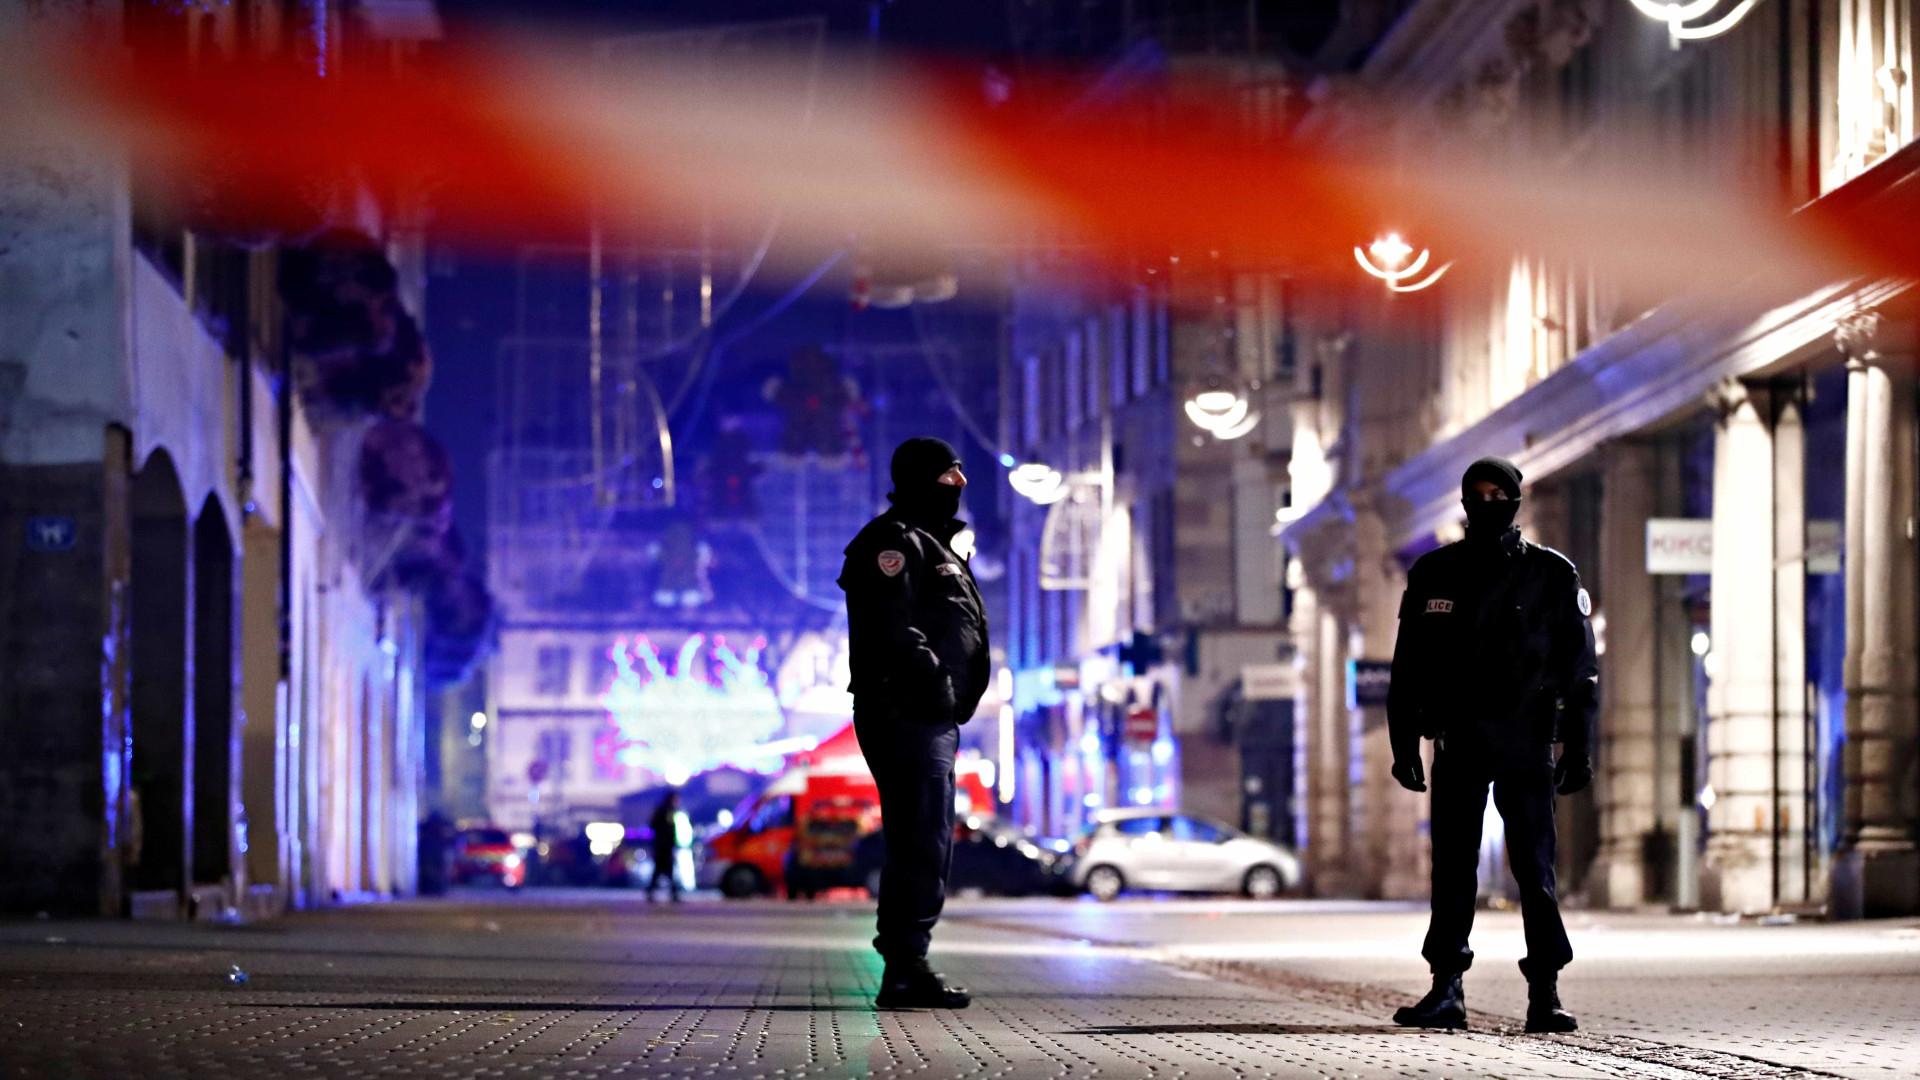 Polícia identifica autor de ataque em mercado de Natal na França